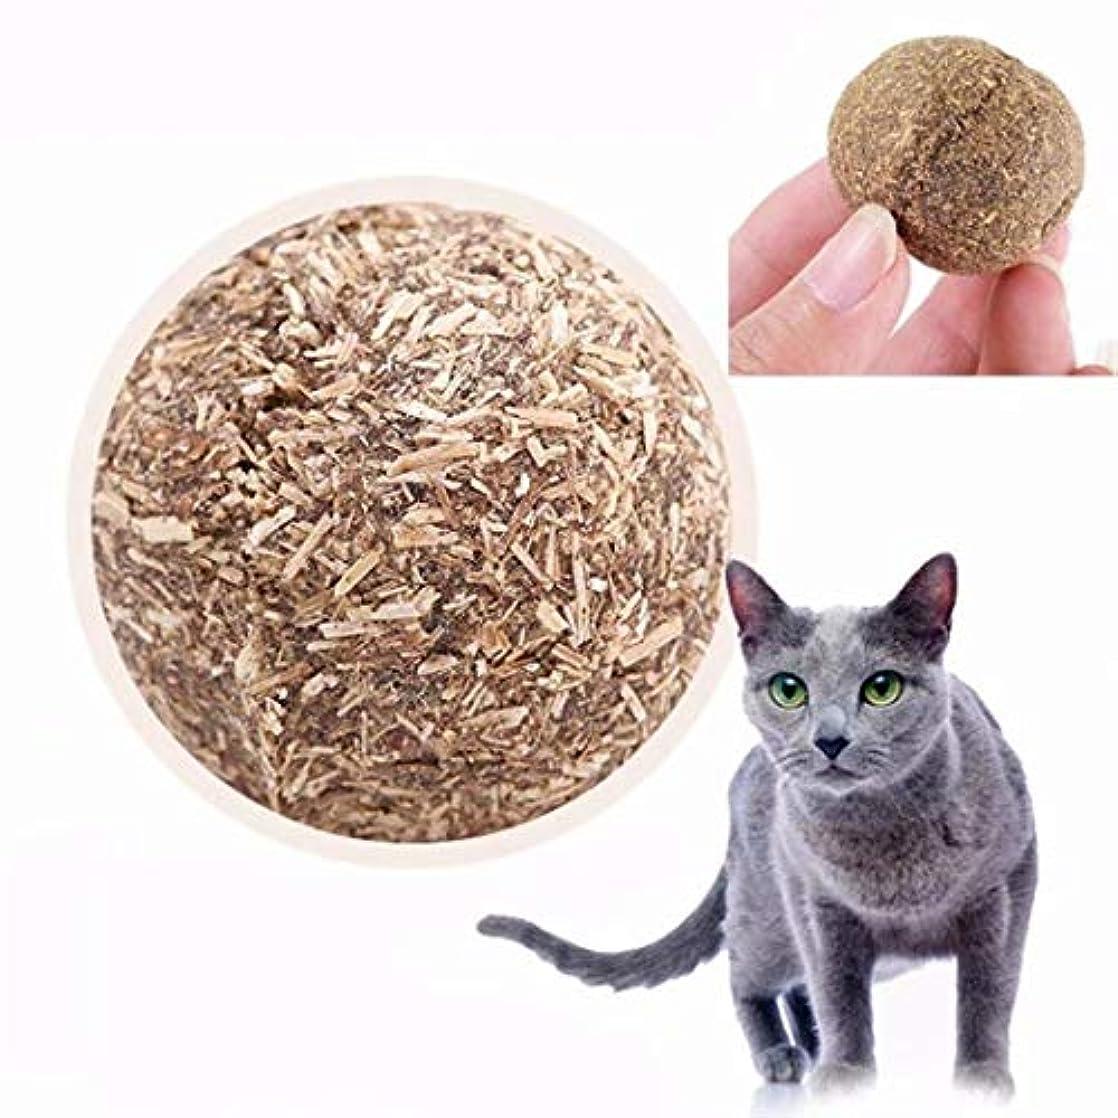 のスコアブロッサム許可する七里の香 猫ミントボール 歯ぎしり?噛むおもちゃ 猫ストレス解消グッズ